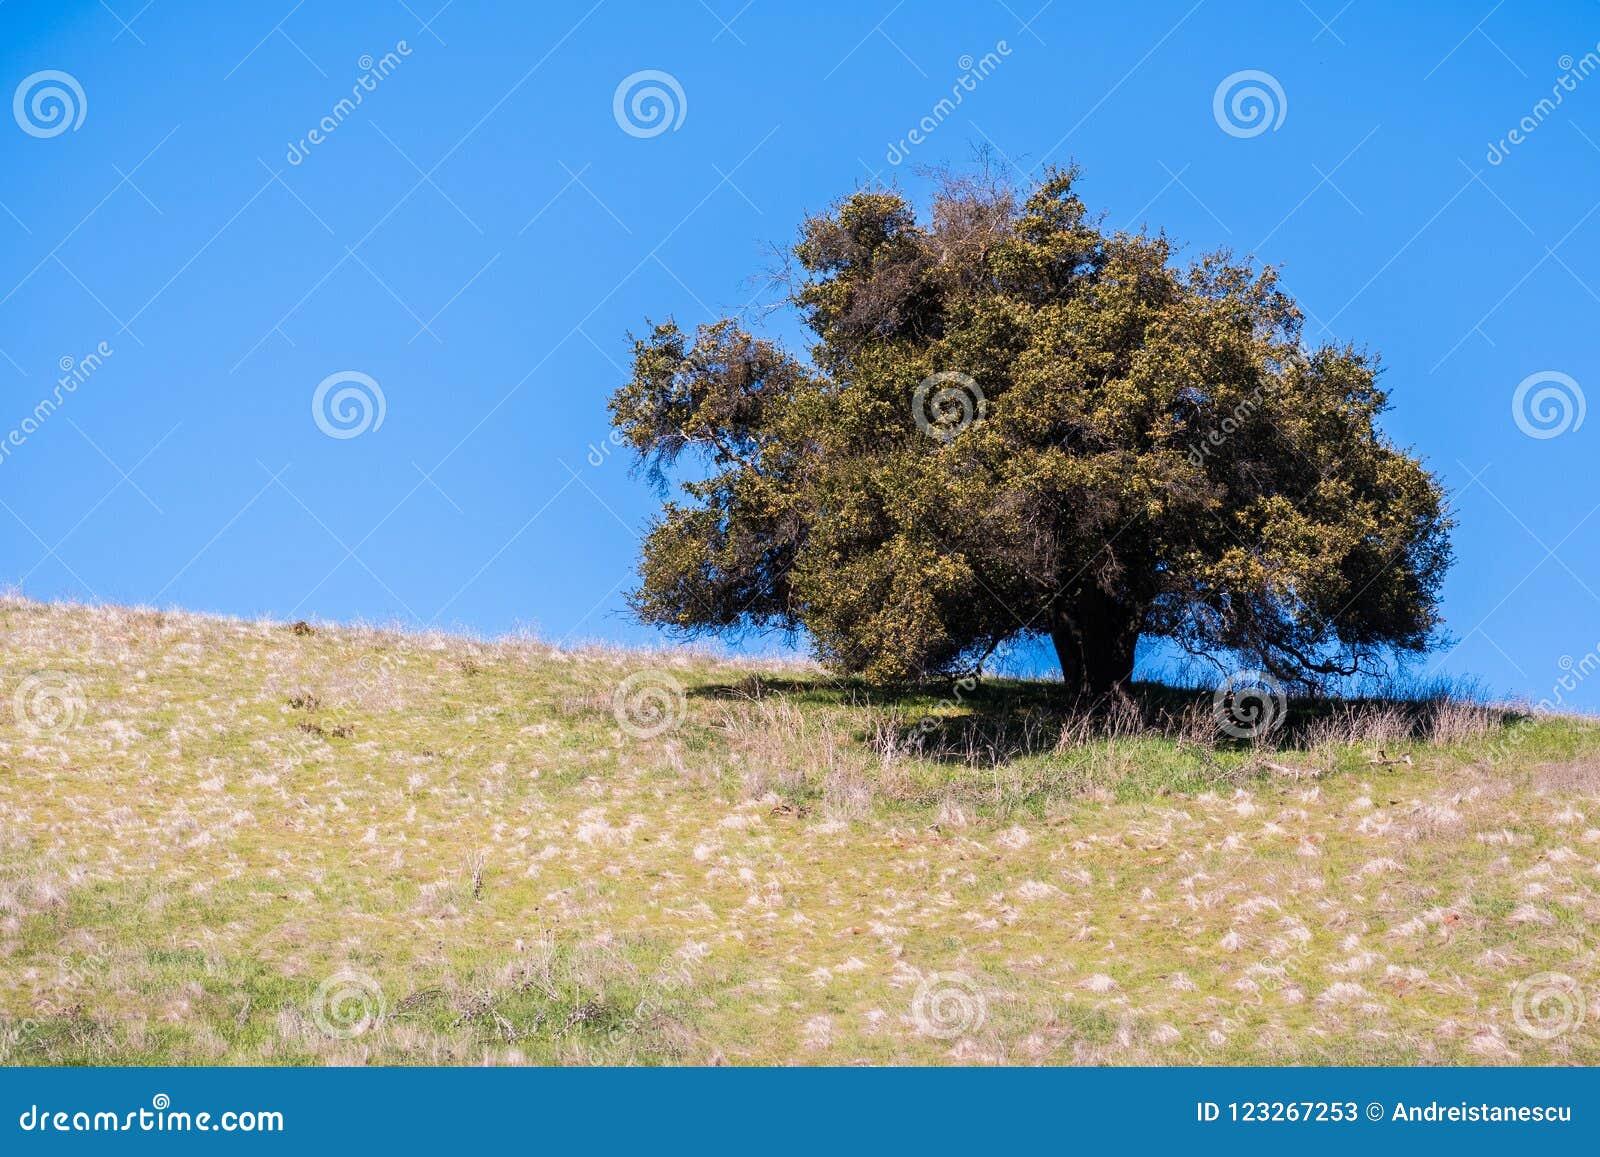 Leef eiken boom op een heuvel